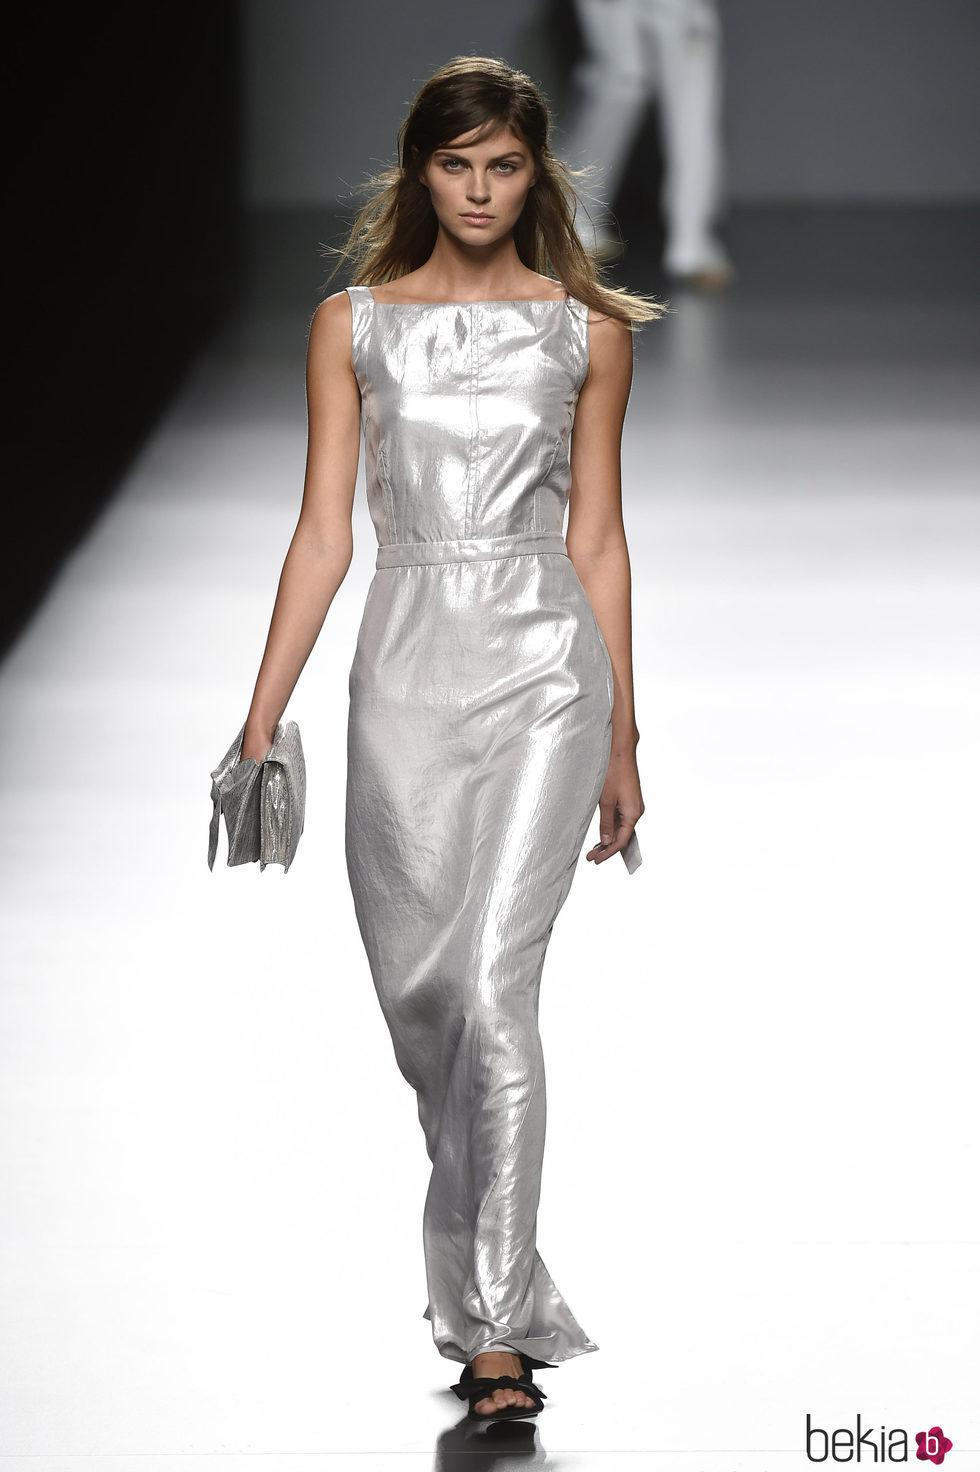 Vestido plateado de Ángel Schlesser primavera/verano 2017 en Madrid Fashion Week